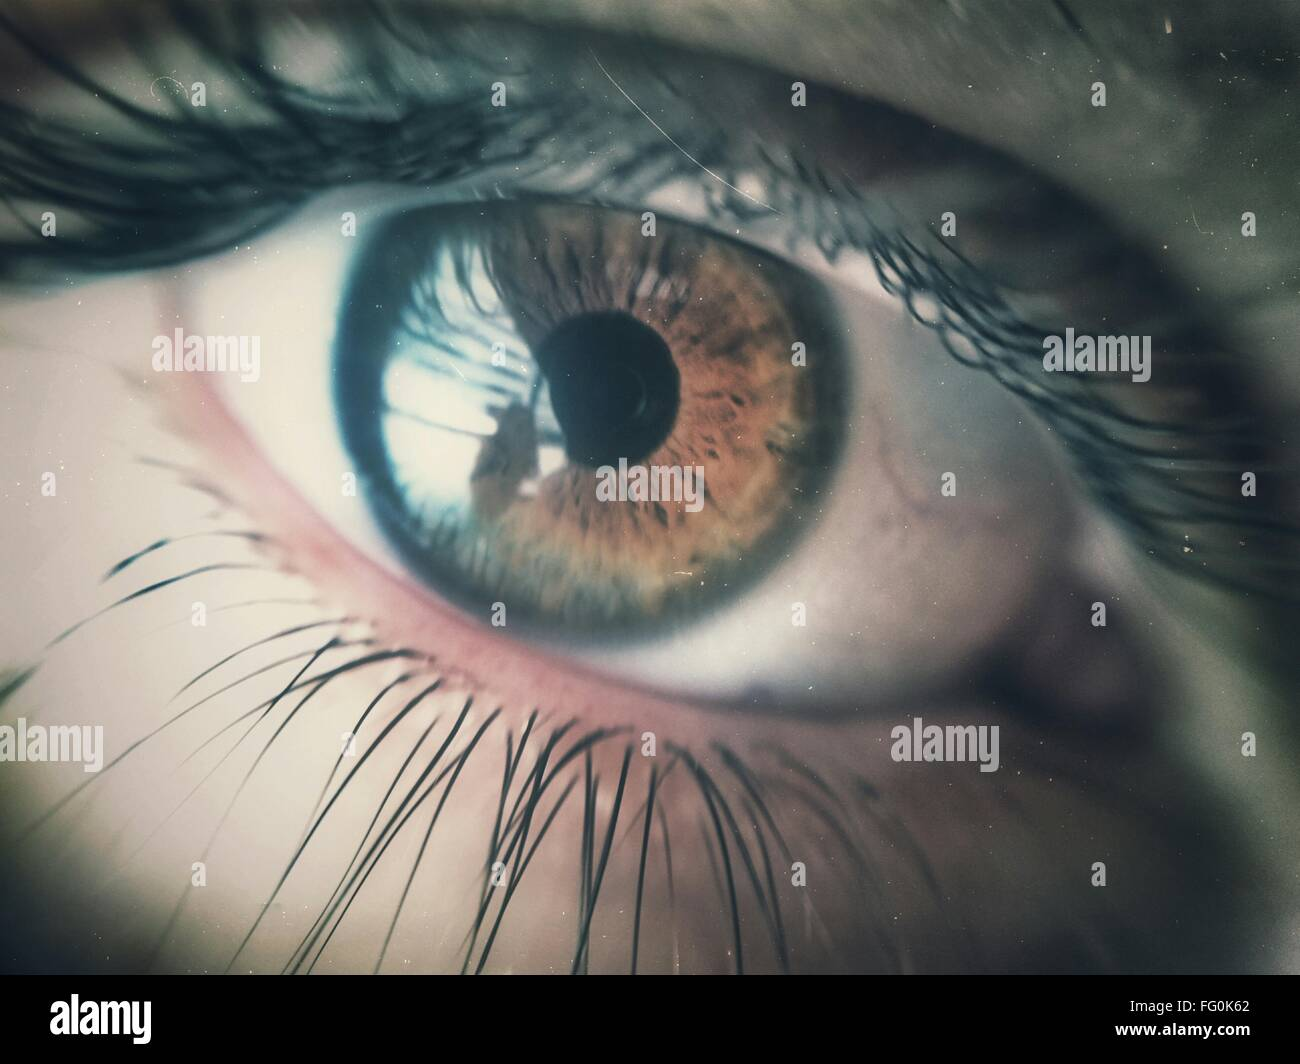 La extrema en primer plano del ojo humano Imagen De Stock